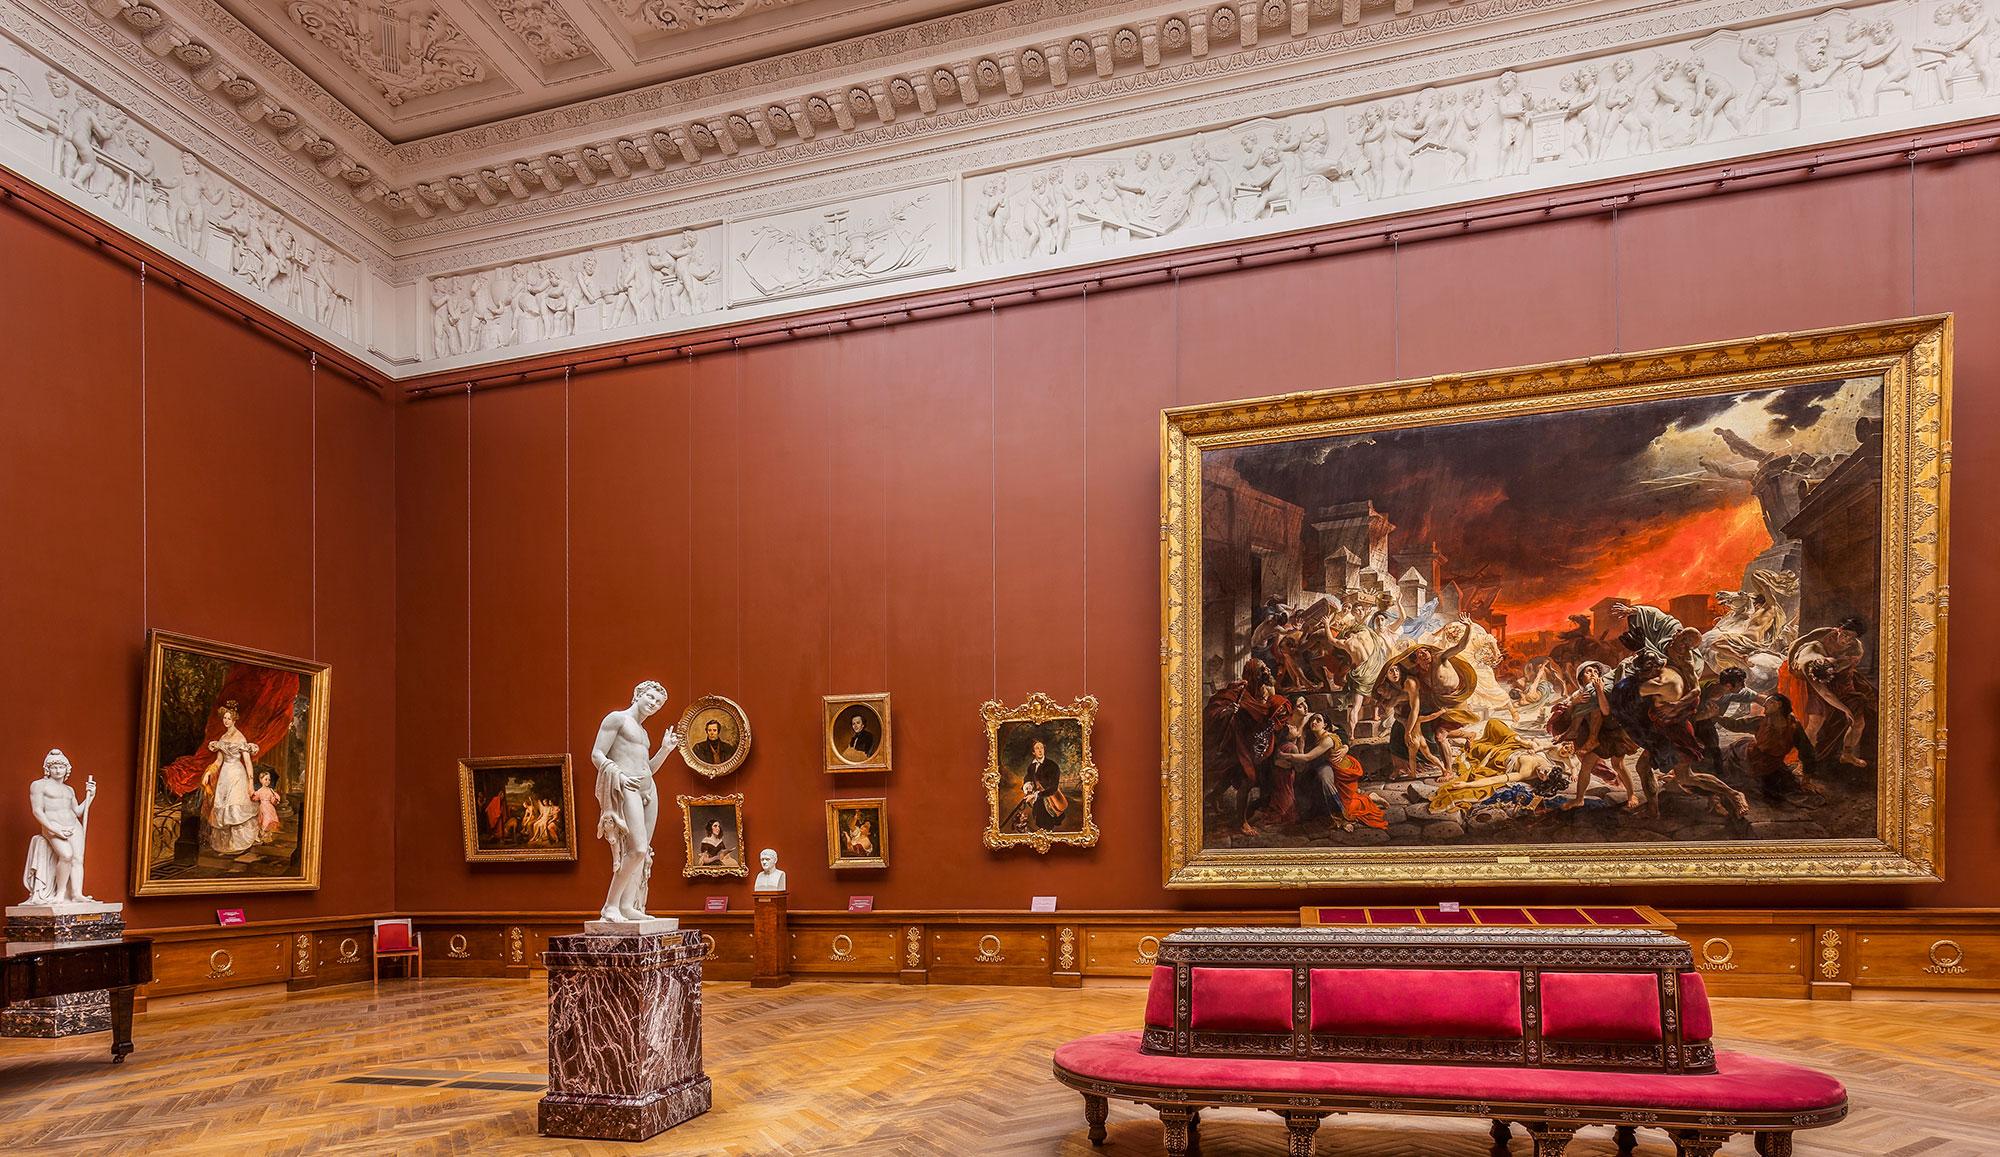 Экскурсия по Русскому музею - Знакомство с сокровищницей